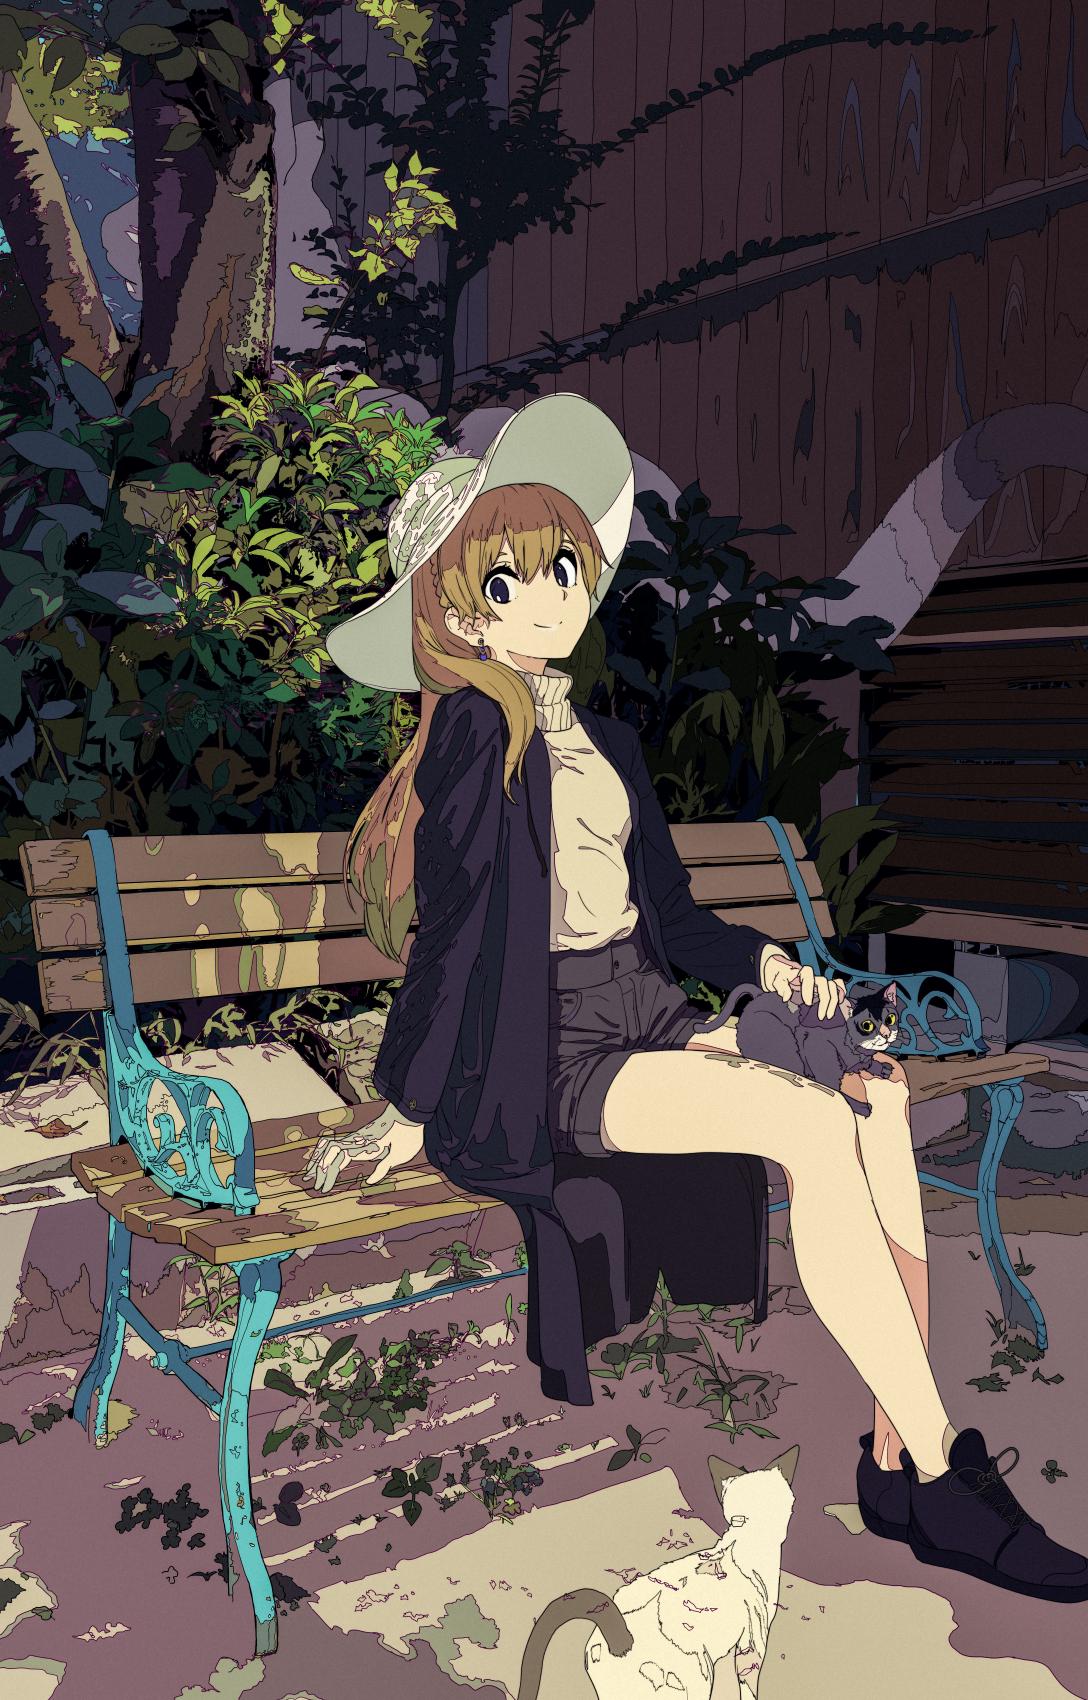 id=59274989,动漫女生图片,戴帽子女生图片,动漫手机壁纸